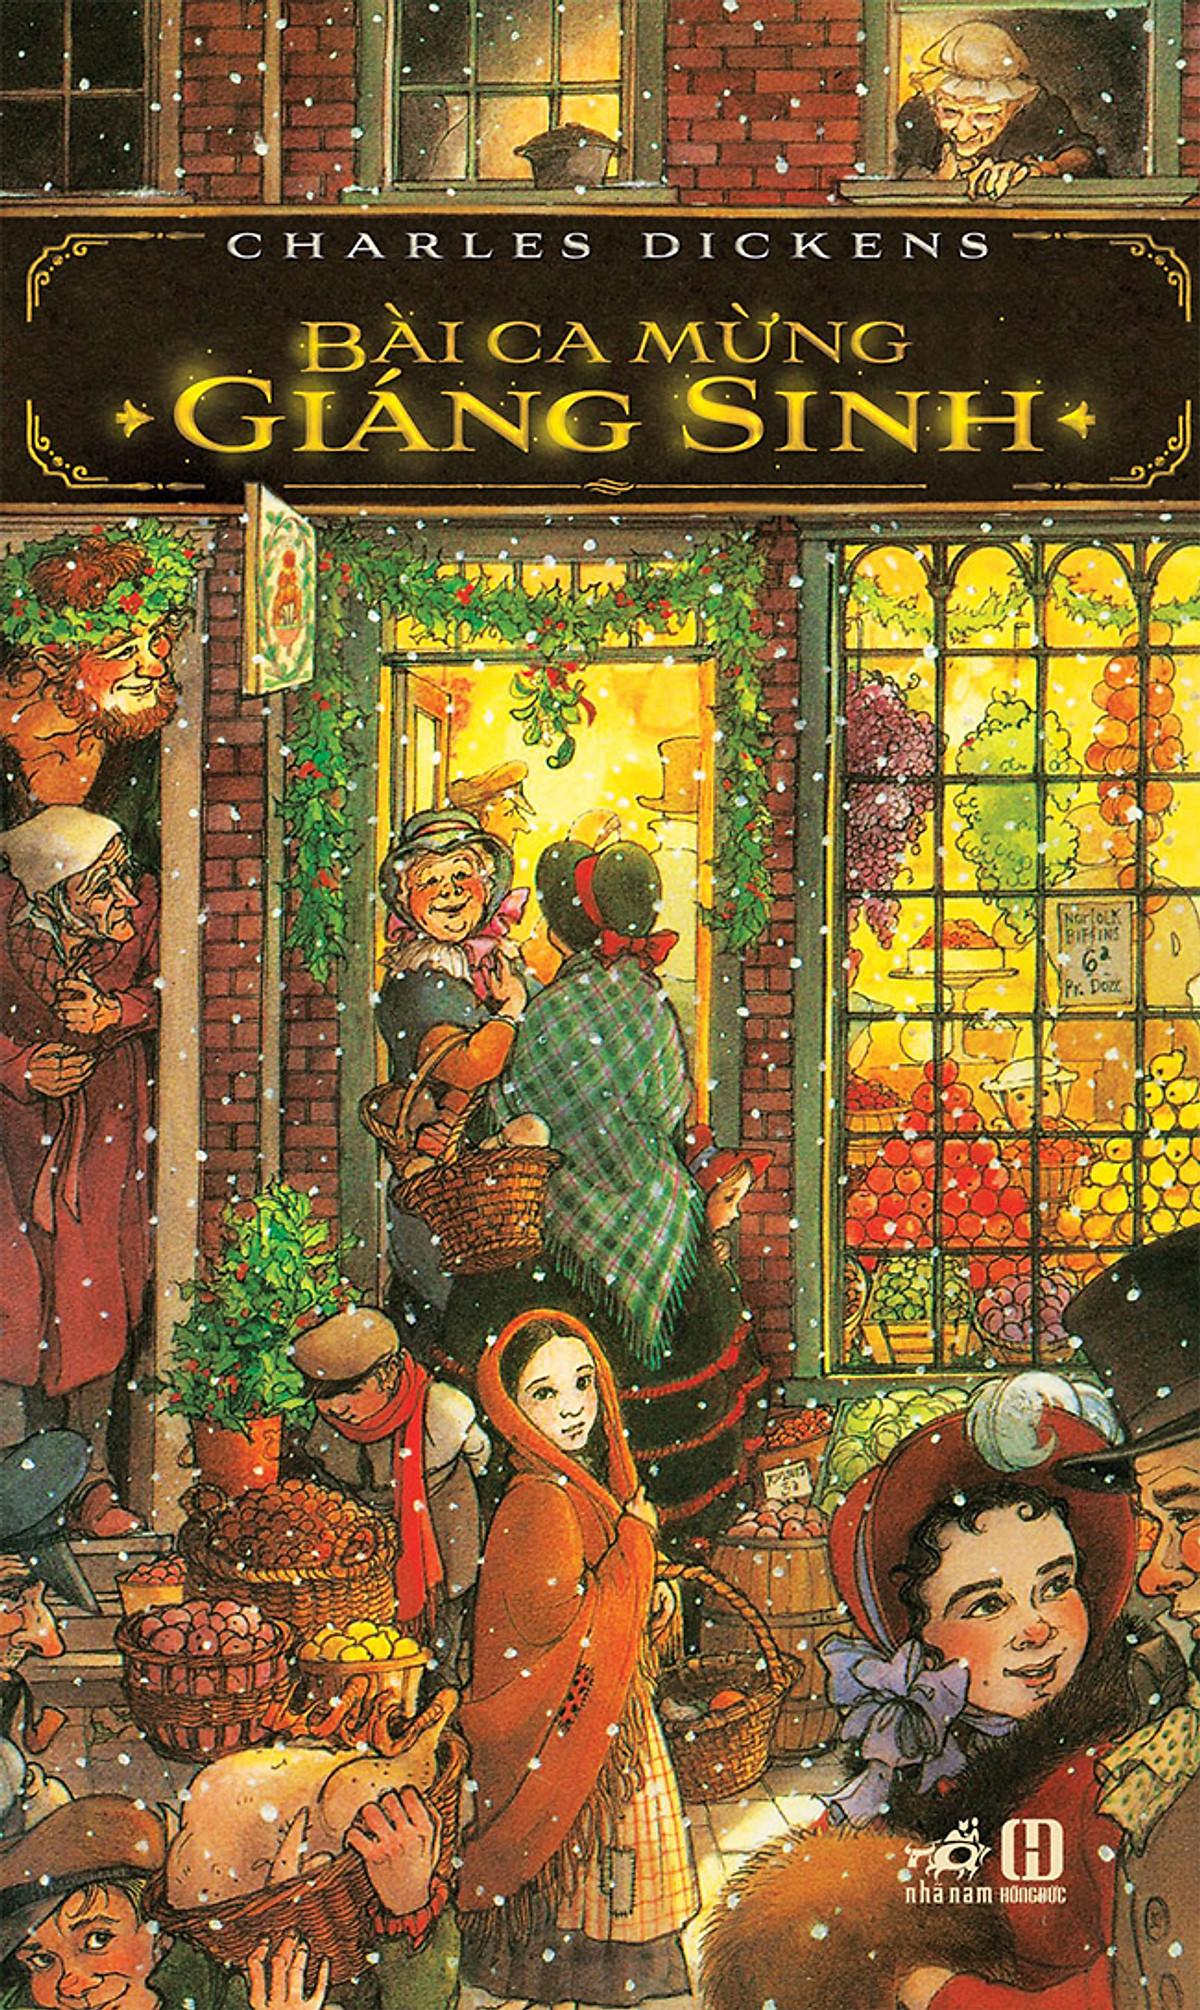 Bài ca mừng Giáng sinh - Charles Dickens